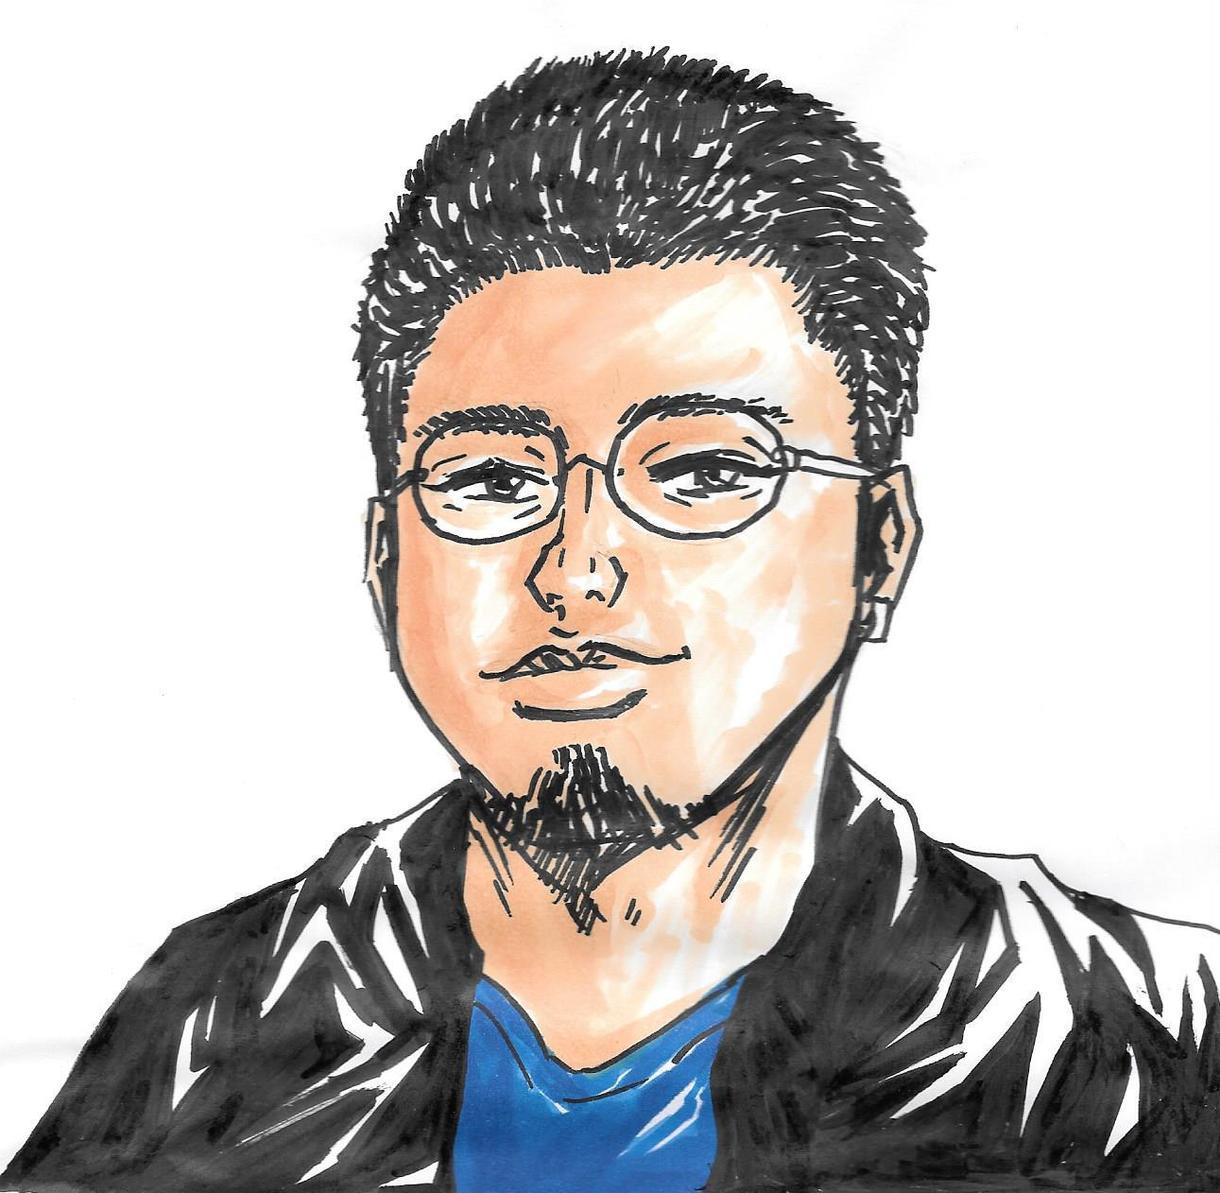 簡単な似顔絵描きます コピックで簡単なアナログ似顔絵描きます(*´∀`*)